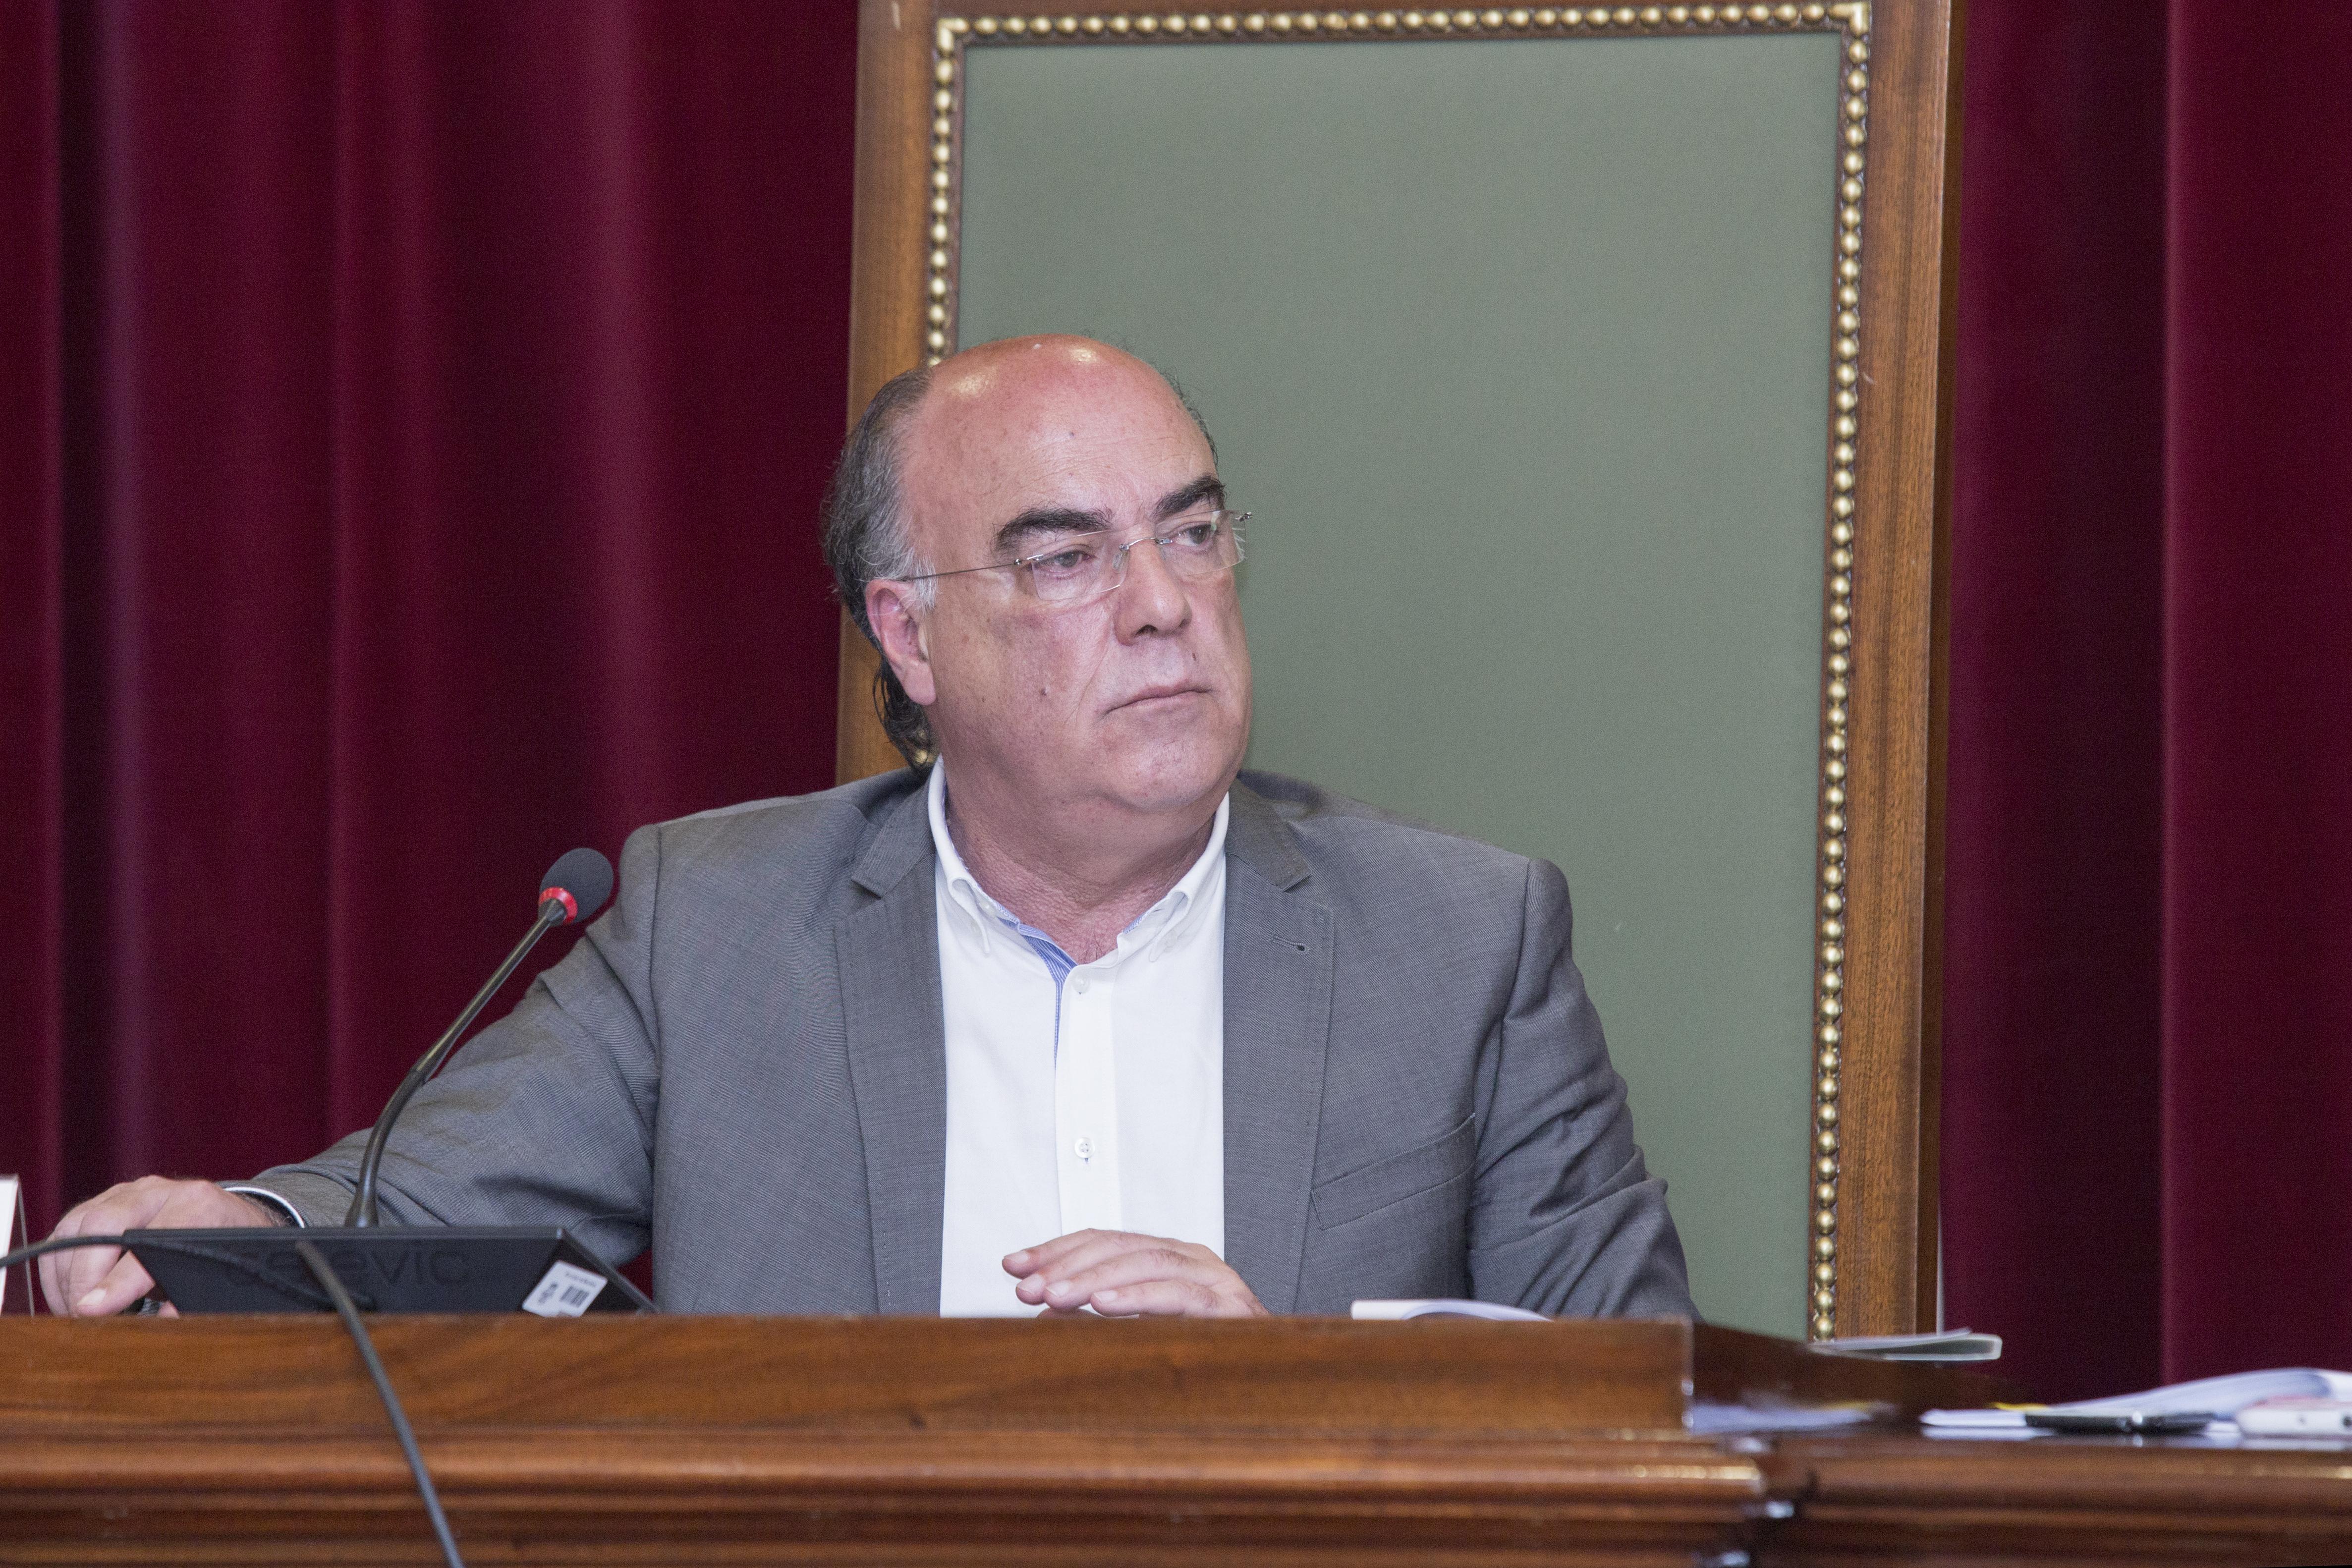 Câmara Municipal remete à Assembleia pedido de empréstimo para financiamento do acordo da água e saneamento